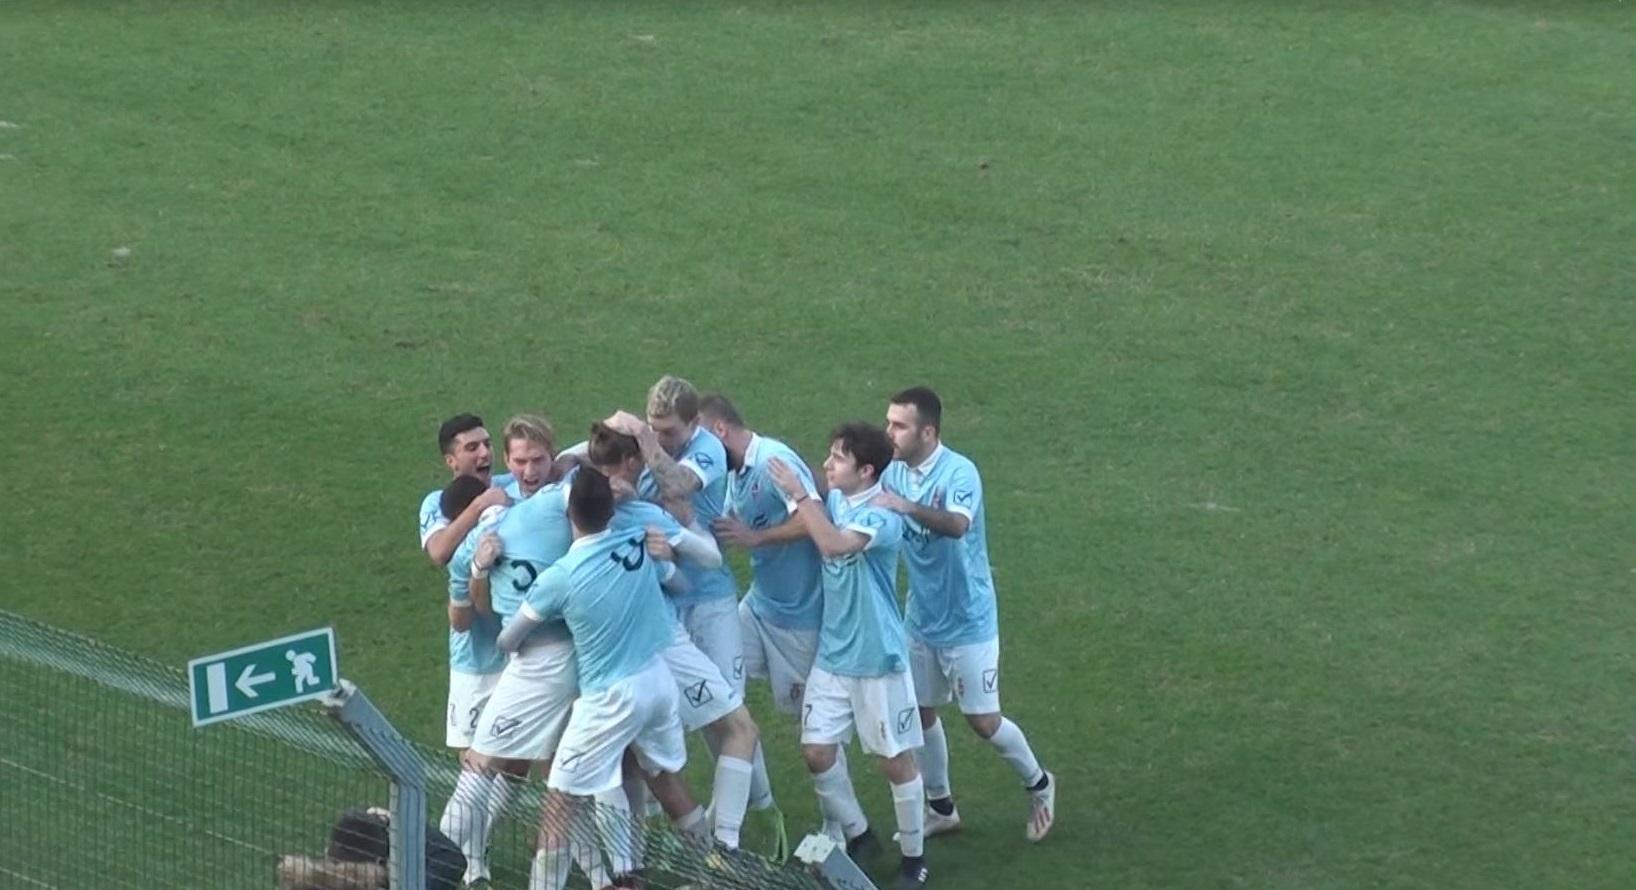 L'esultanza collettiva dopo il gol di Paladin